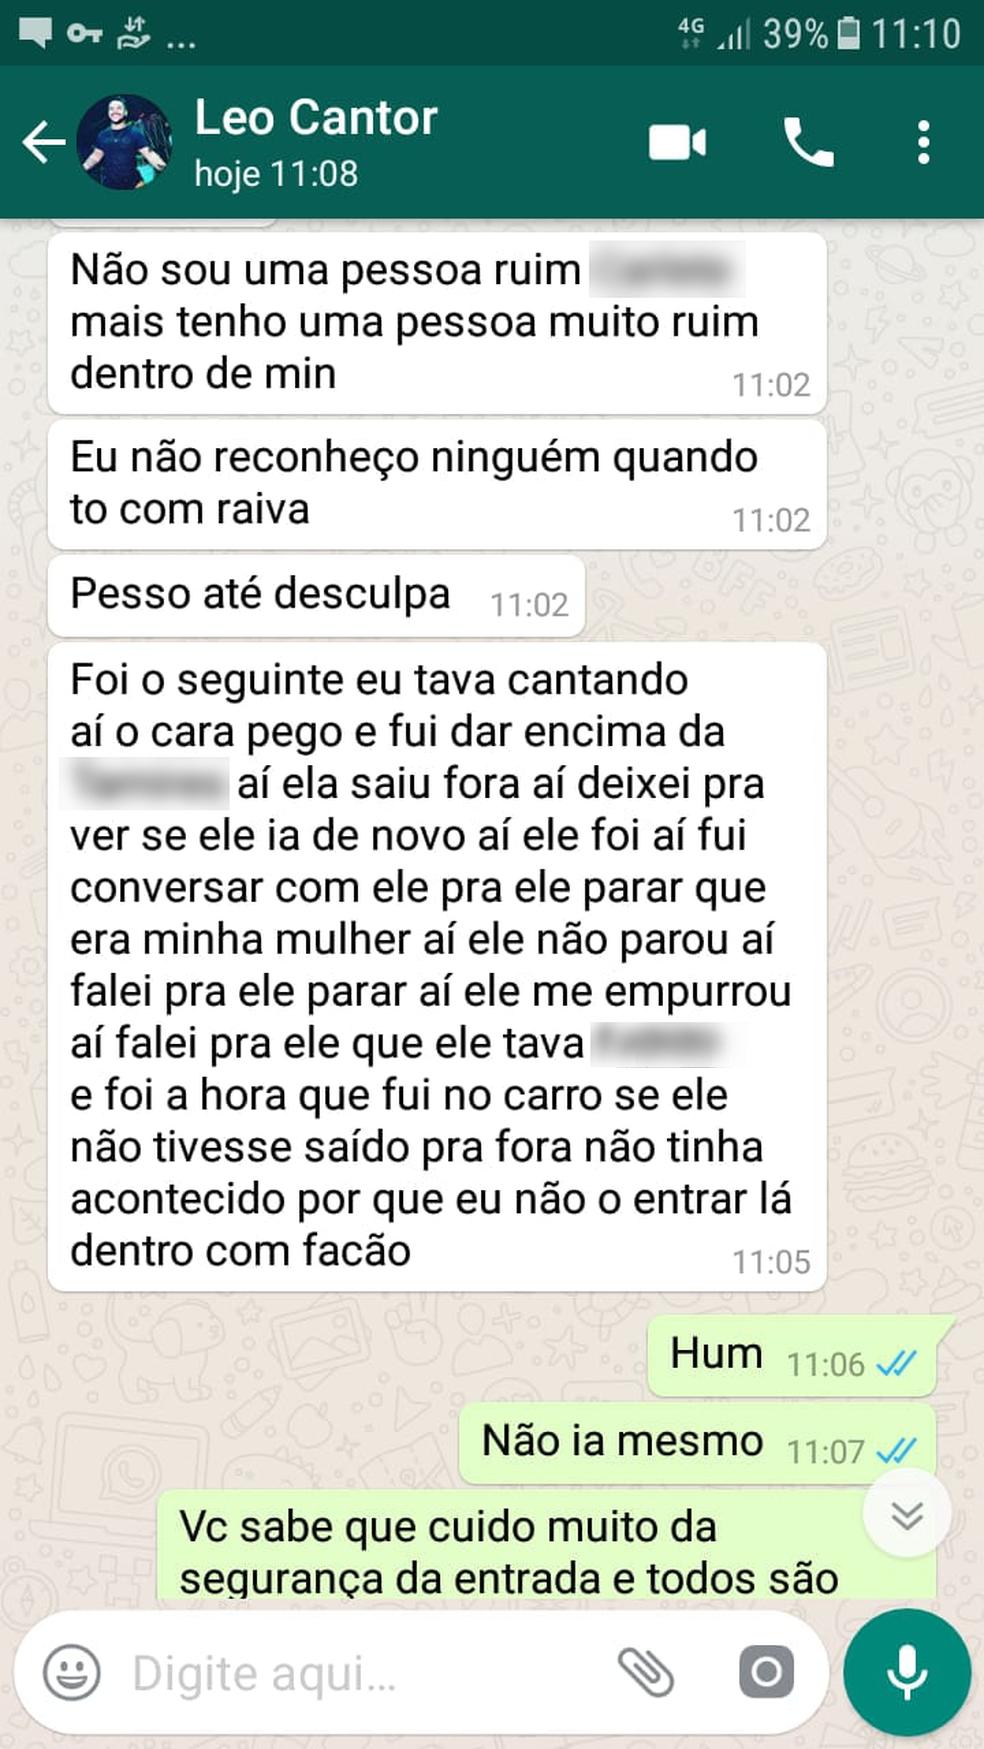 Em conversa pelo aplicativo WhatsApp, Léo diz que foi ao carro e pegou o facão — Foto: Reprodução